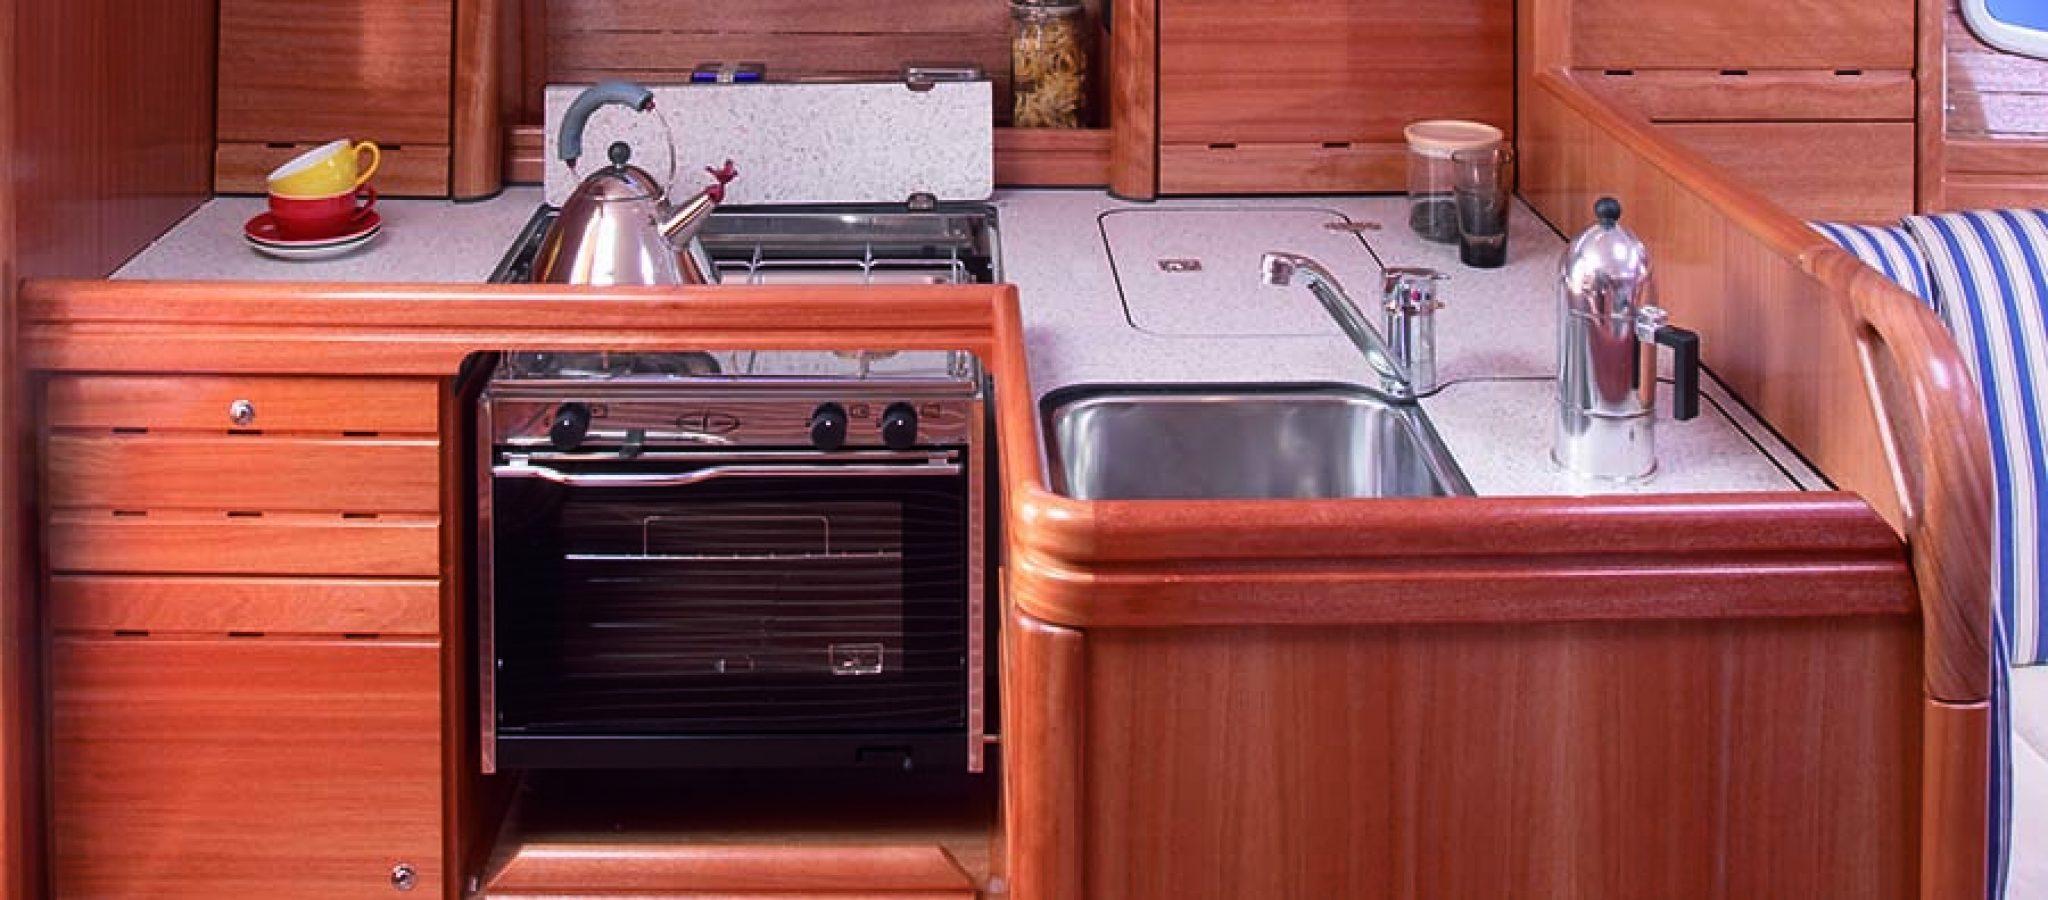 Bavaria 37 cruiser cuisine